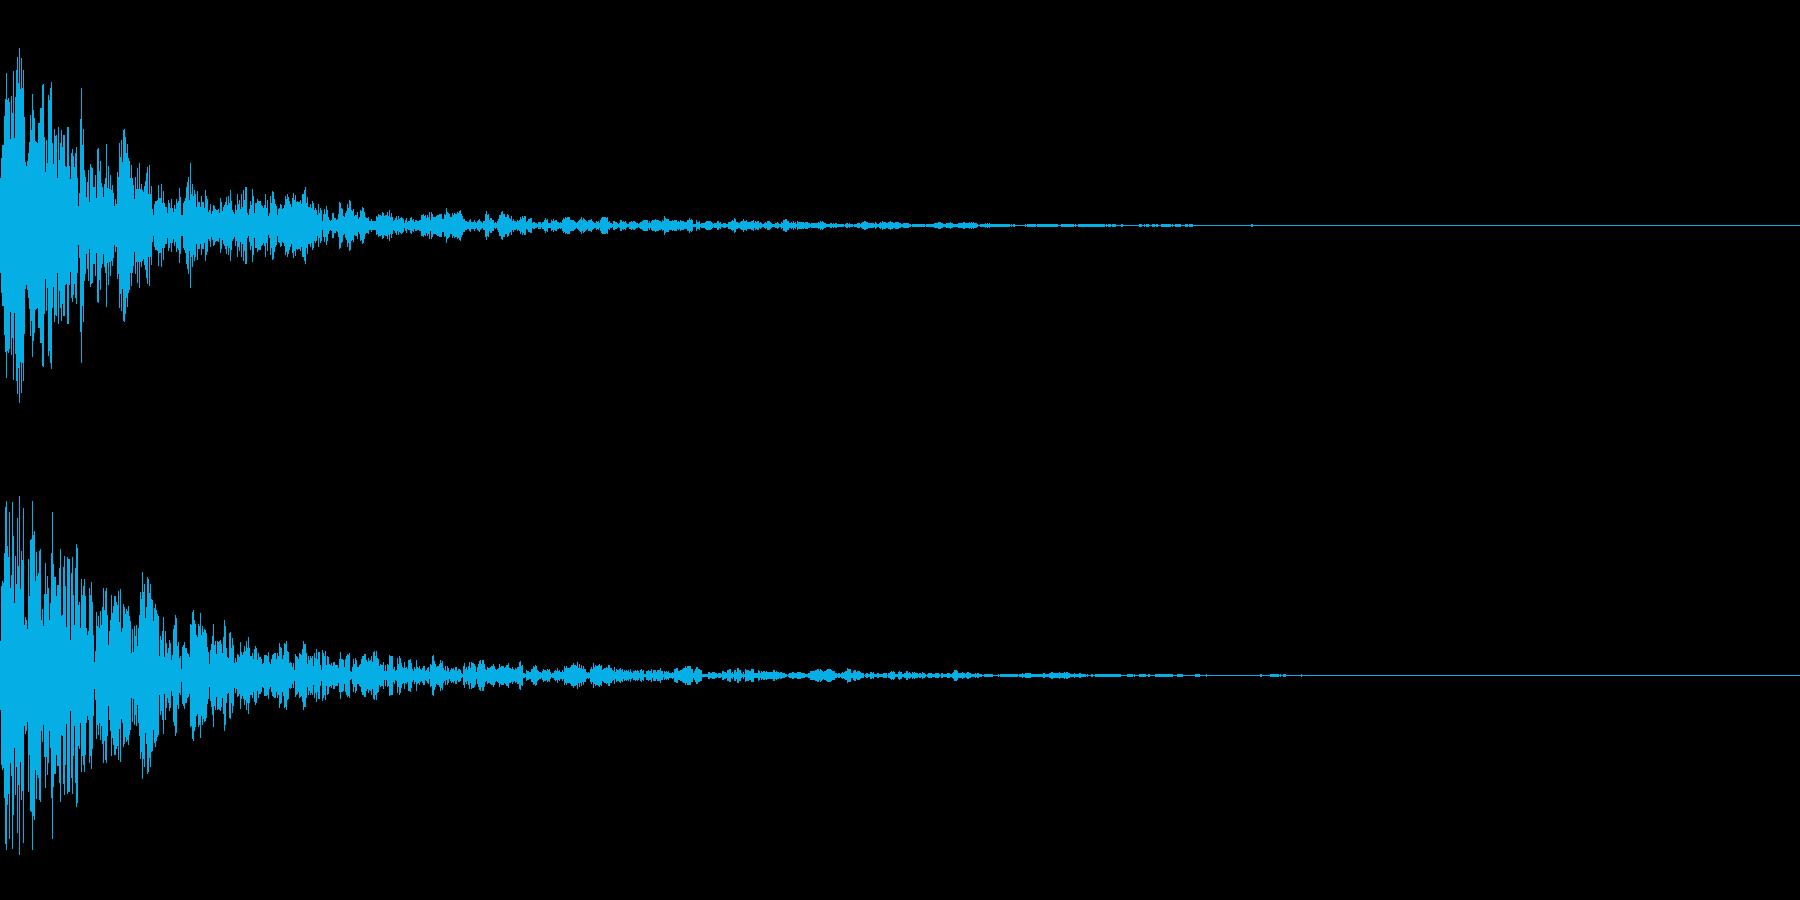 ドーン-47-1(インパクト音)の再生済みの波形